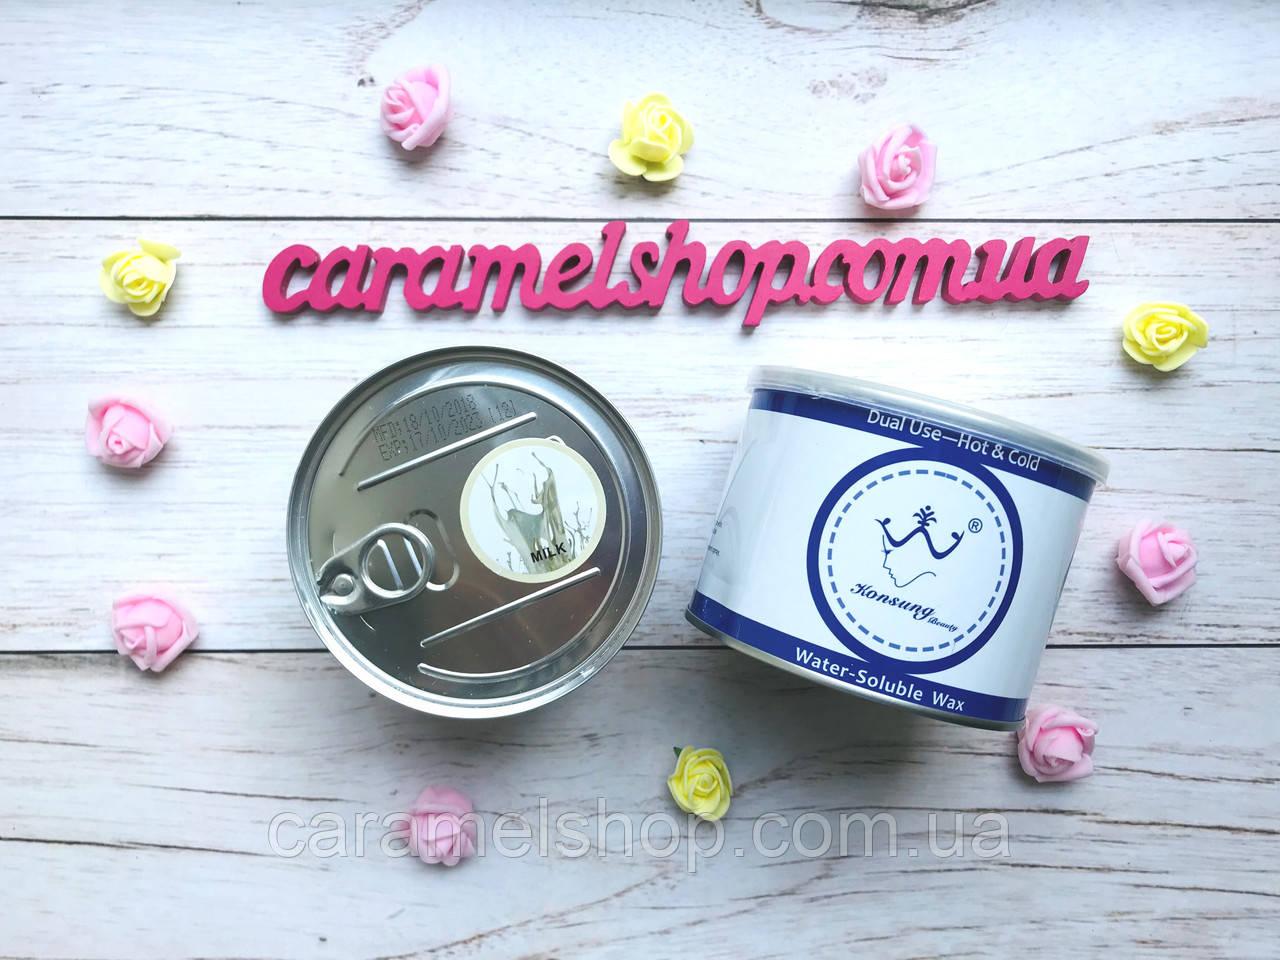 Теплый воск для депиляции жидкий в банке Konsung, 500 мл - MILK молоко